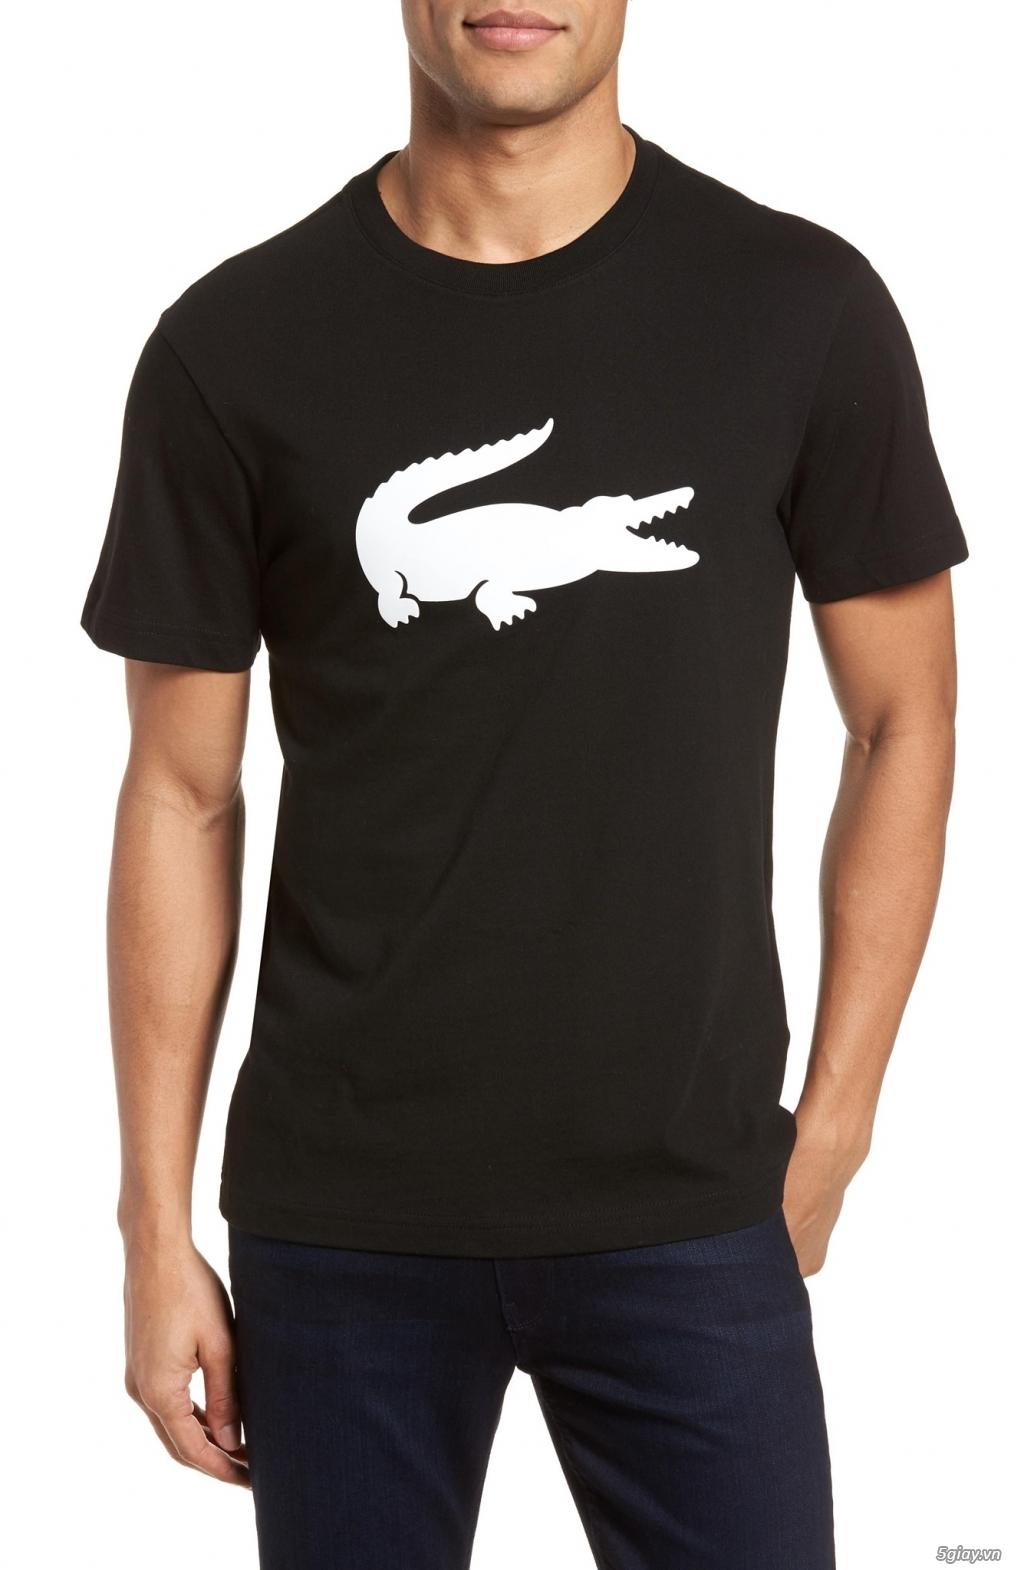 <<Y QUỲNH Store >>  chuyên bán áo sơ mi - áo thun - Hàng Hiệu Tuyển chọn - VNXK - 26